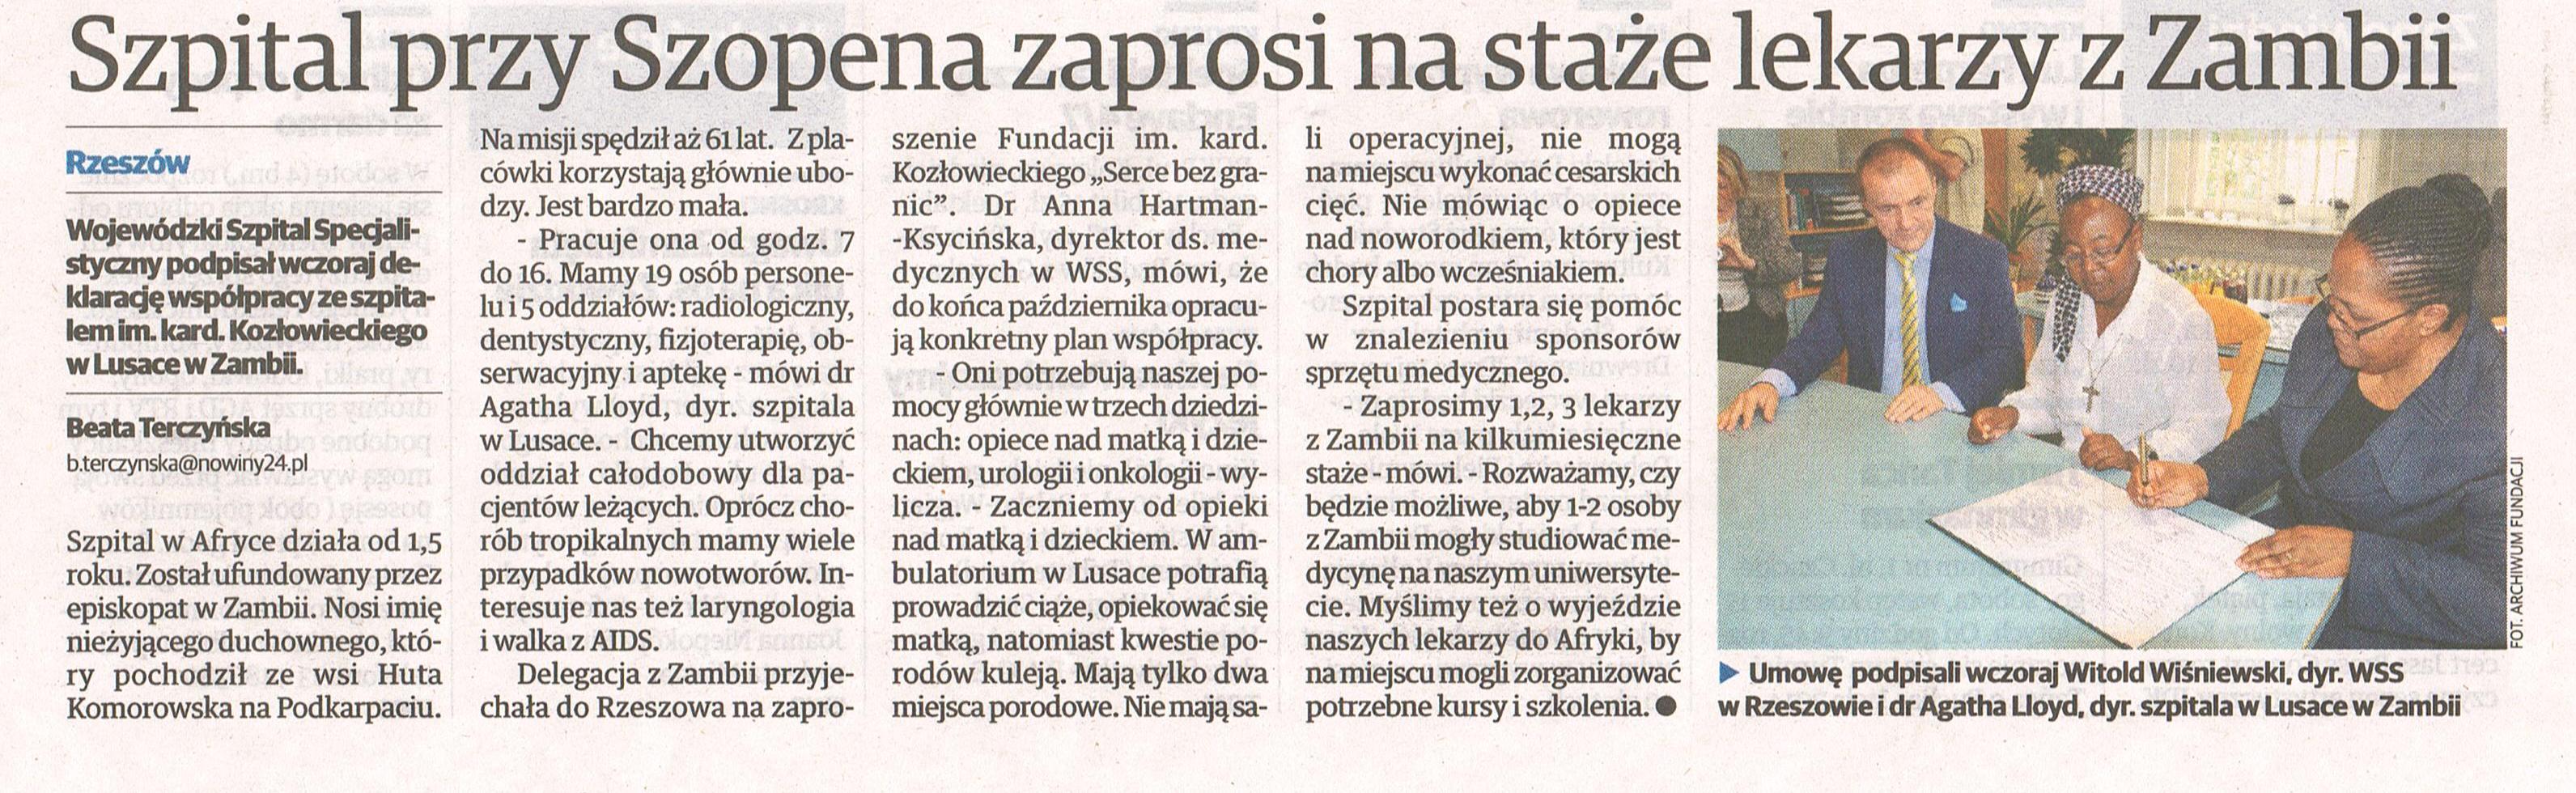 Nowiny, 02.10.2014